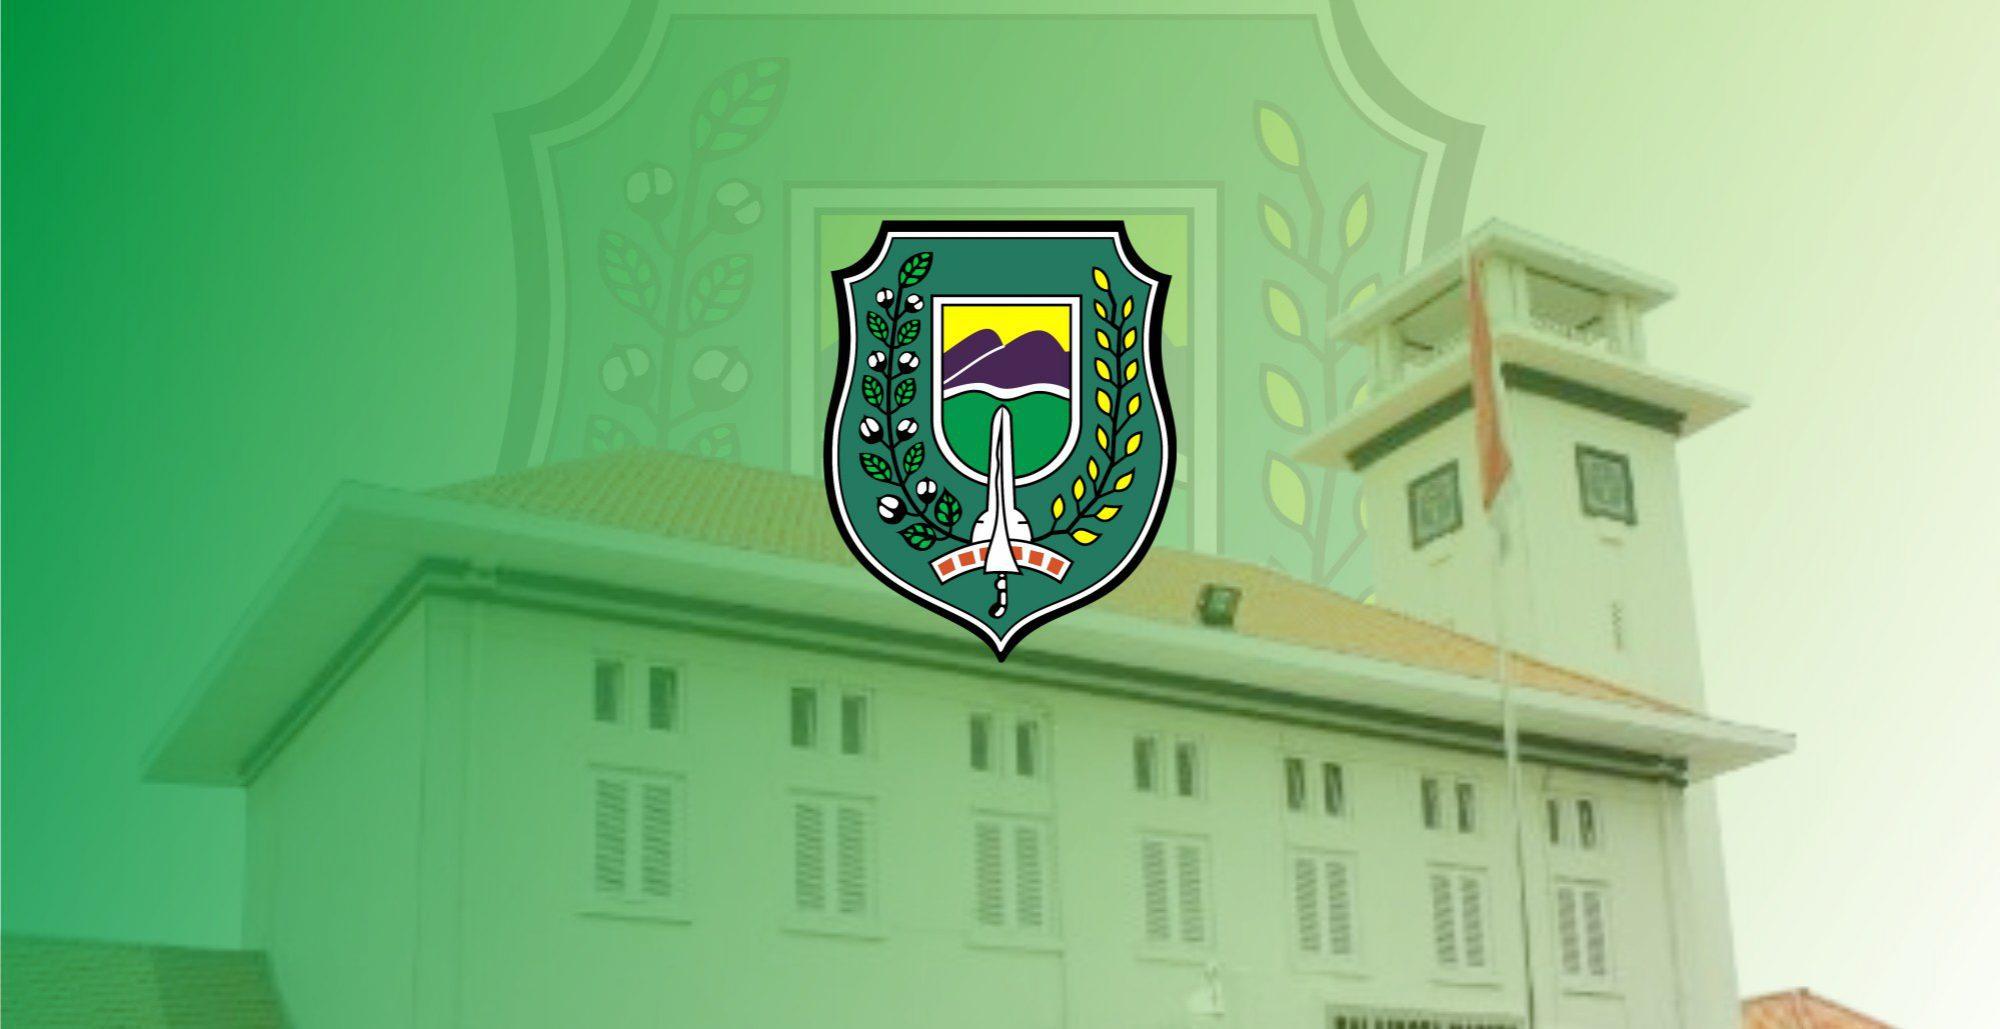 Bagian Administrasi Perekomomian dan kesejahteraan rakyat